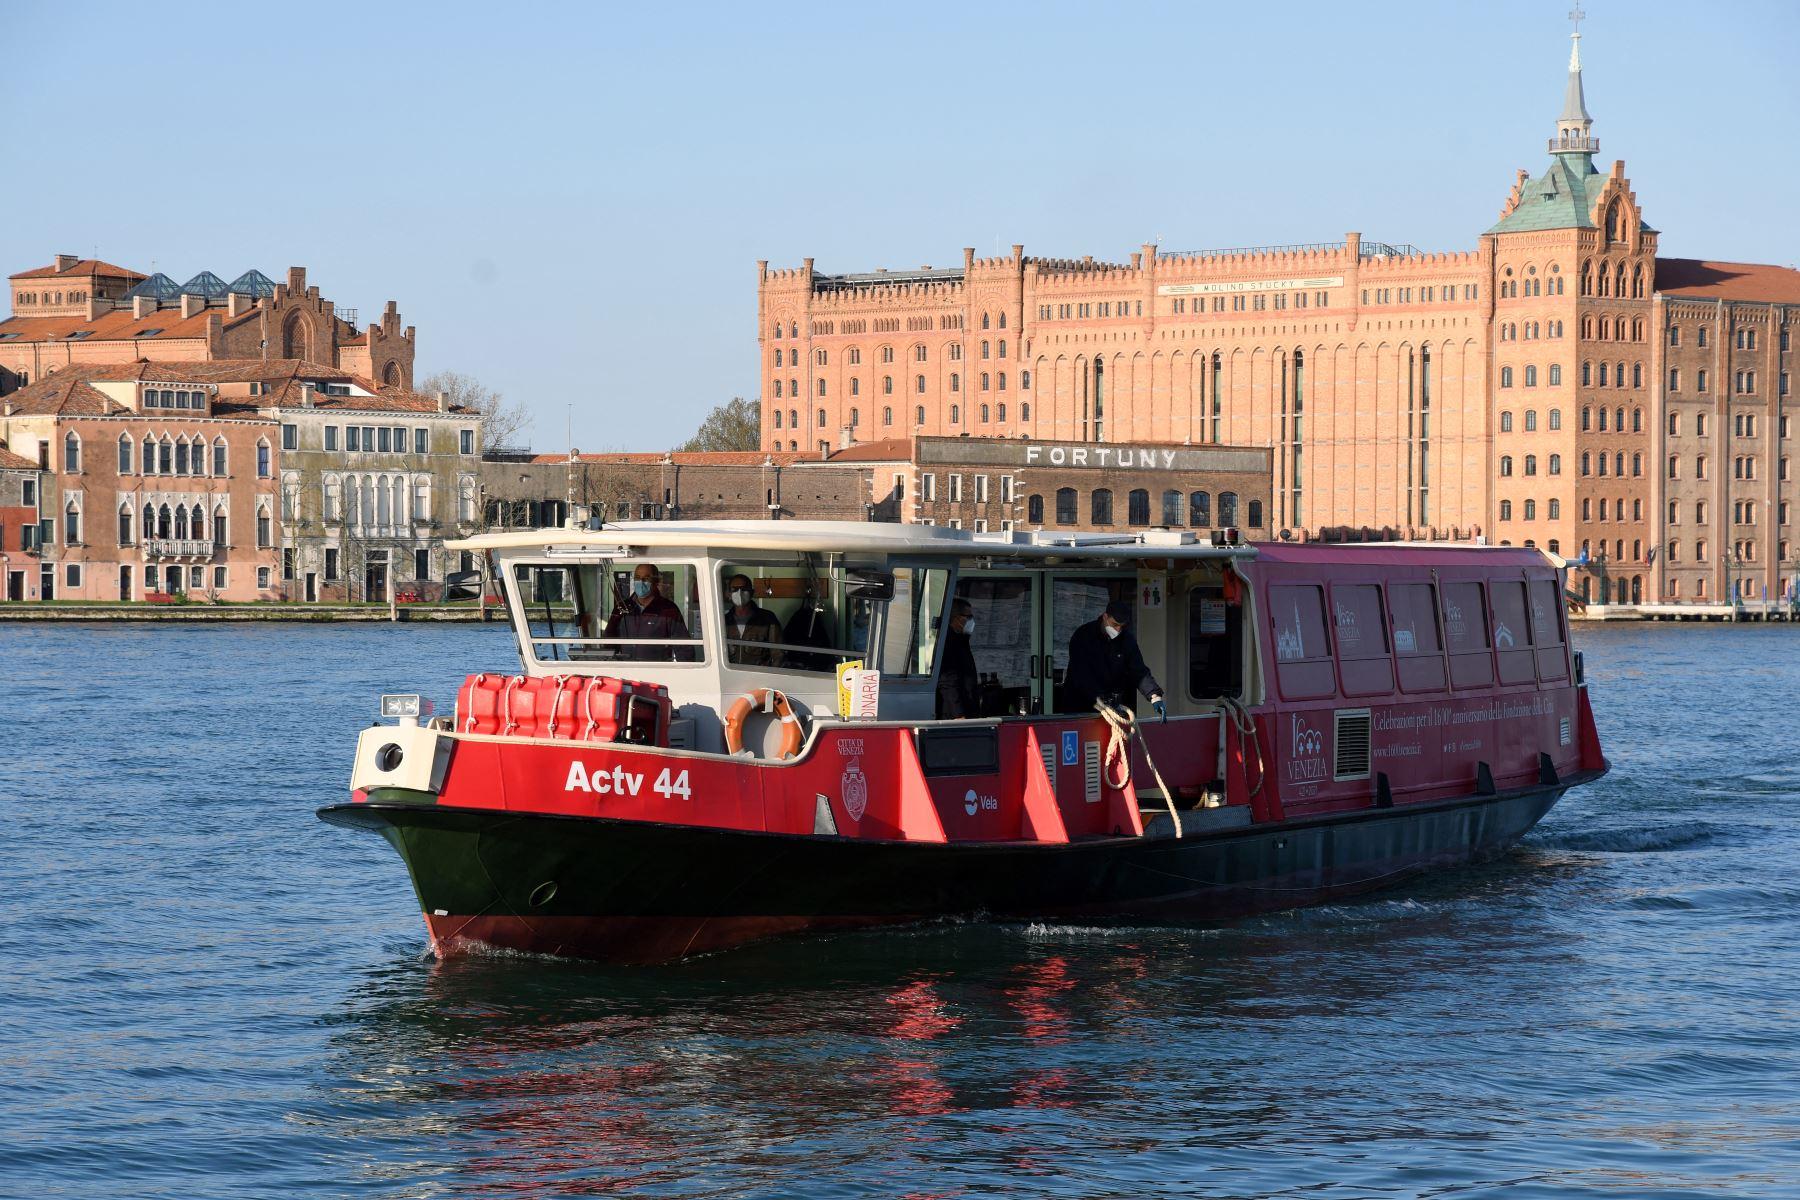 Venecia evita entrar en la Lista de Patrimonio en riesgo de la Unesco